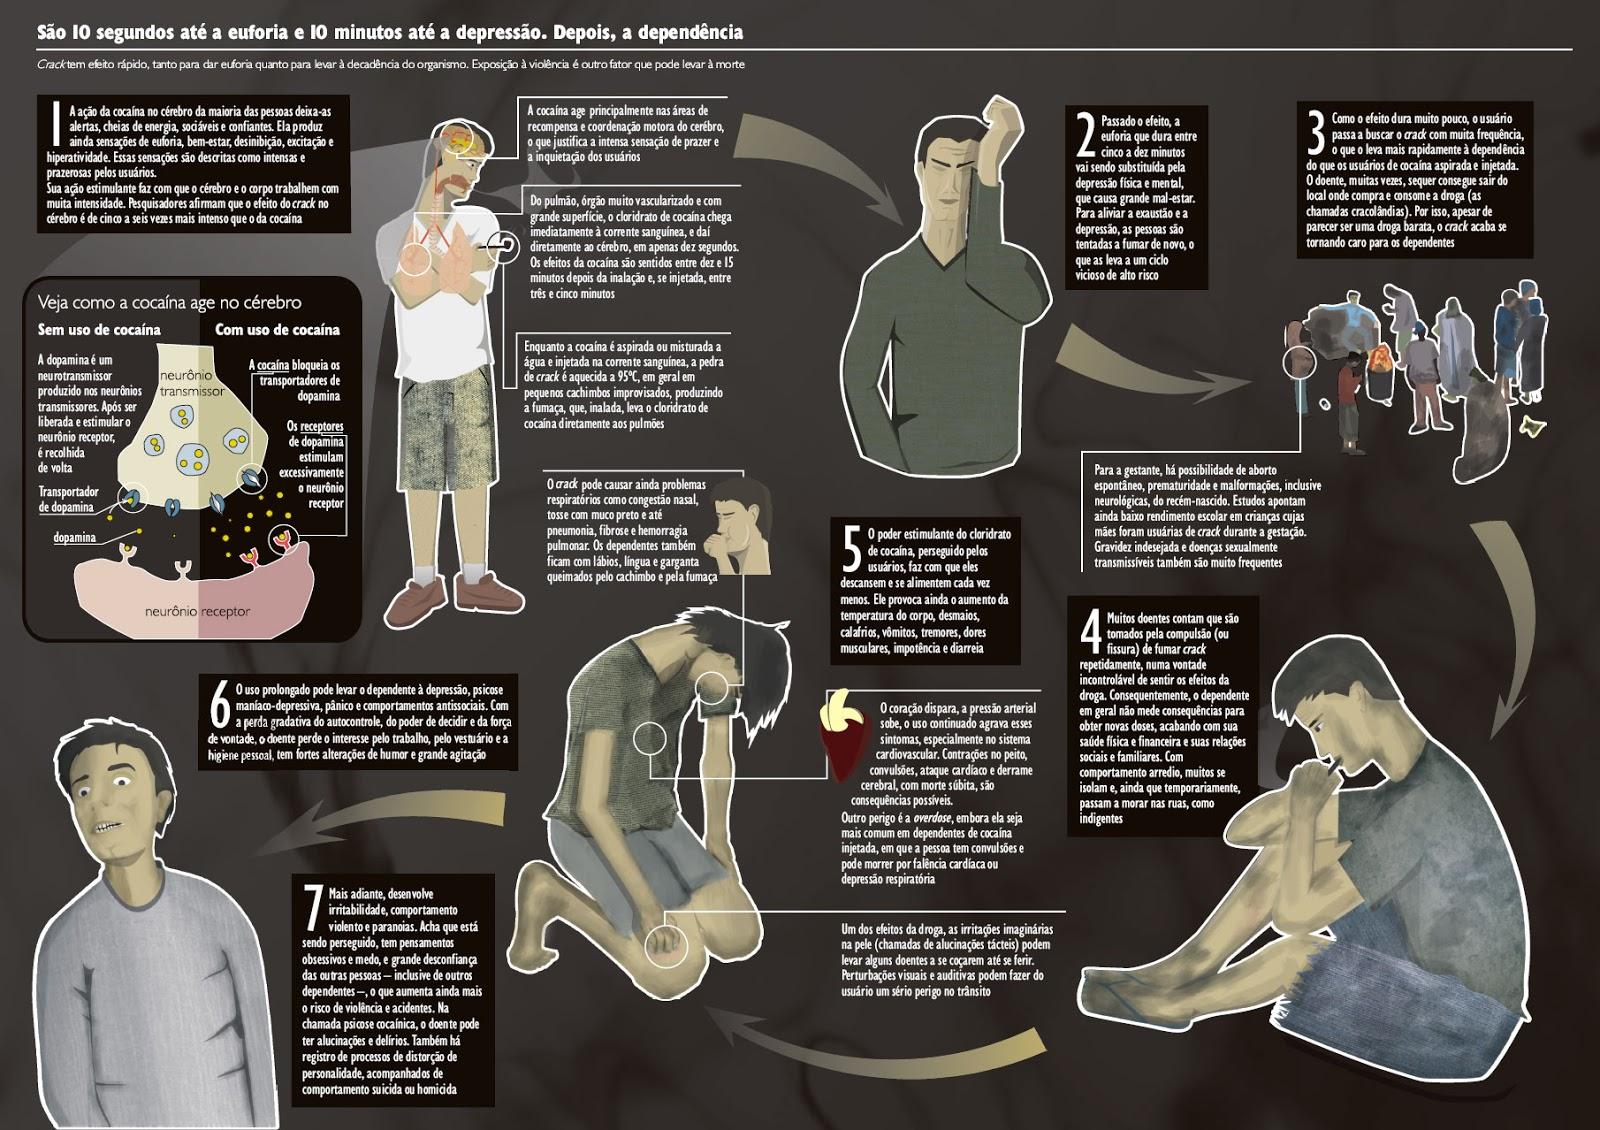 Sintomas de psicoses alcoólicos